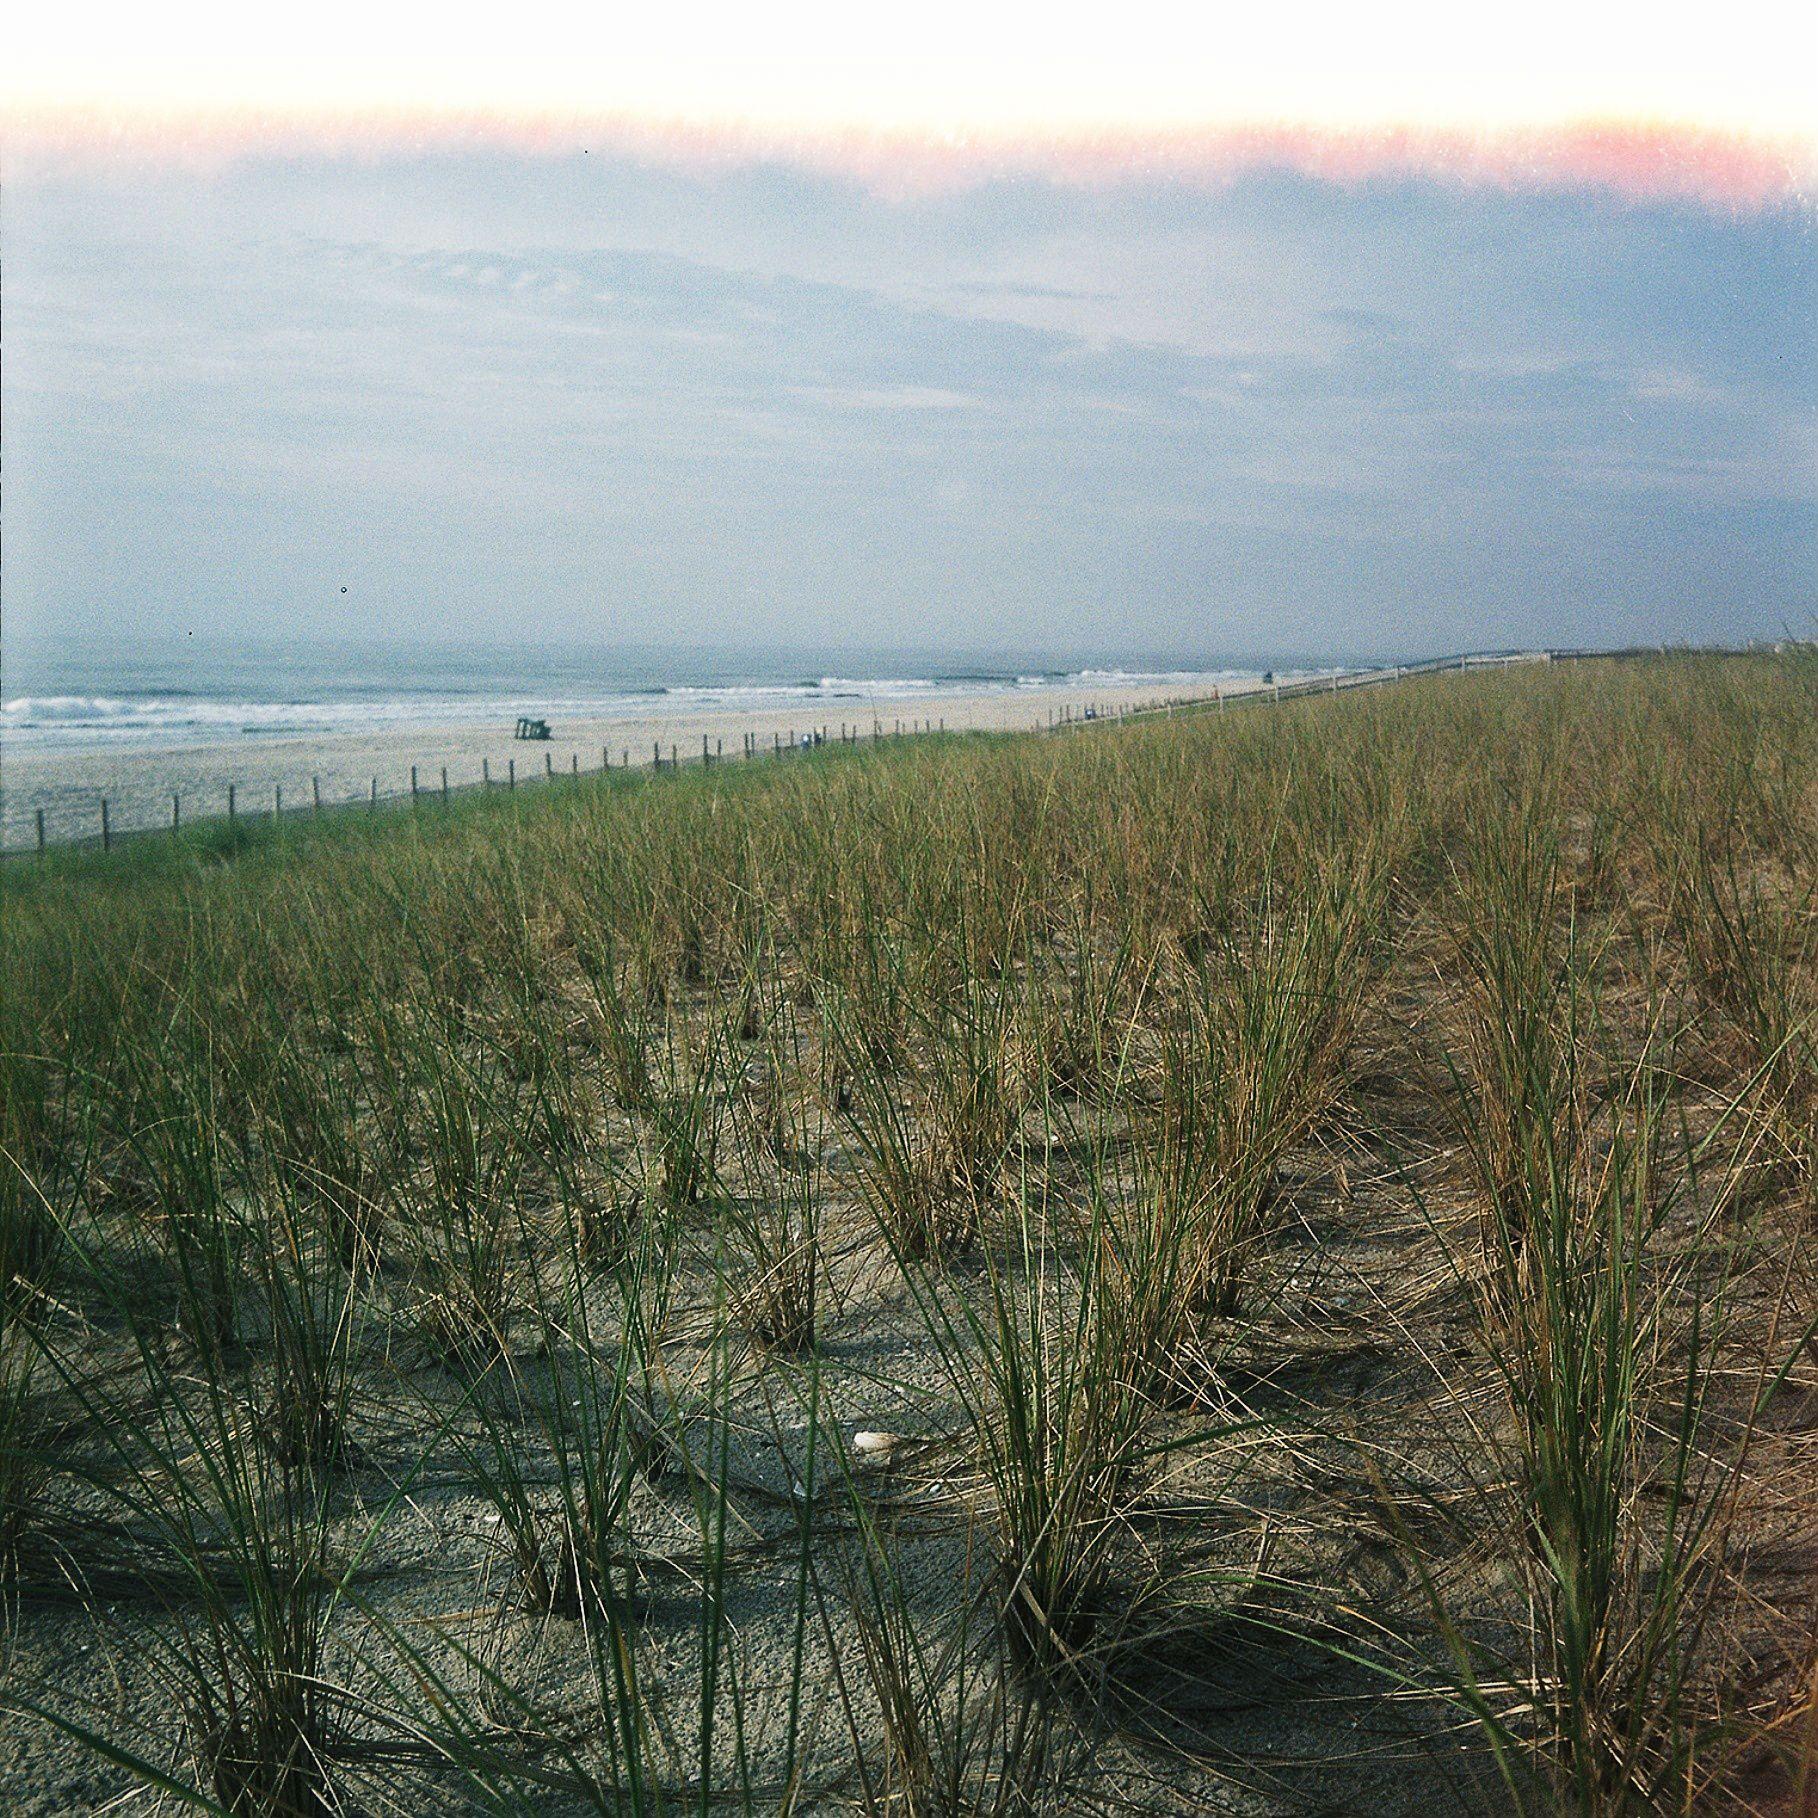 Long Beach Island New Jersey: Dunes, Long Beach Island, New Jersey